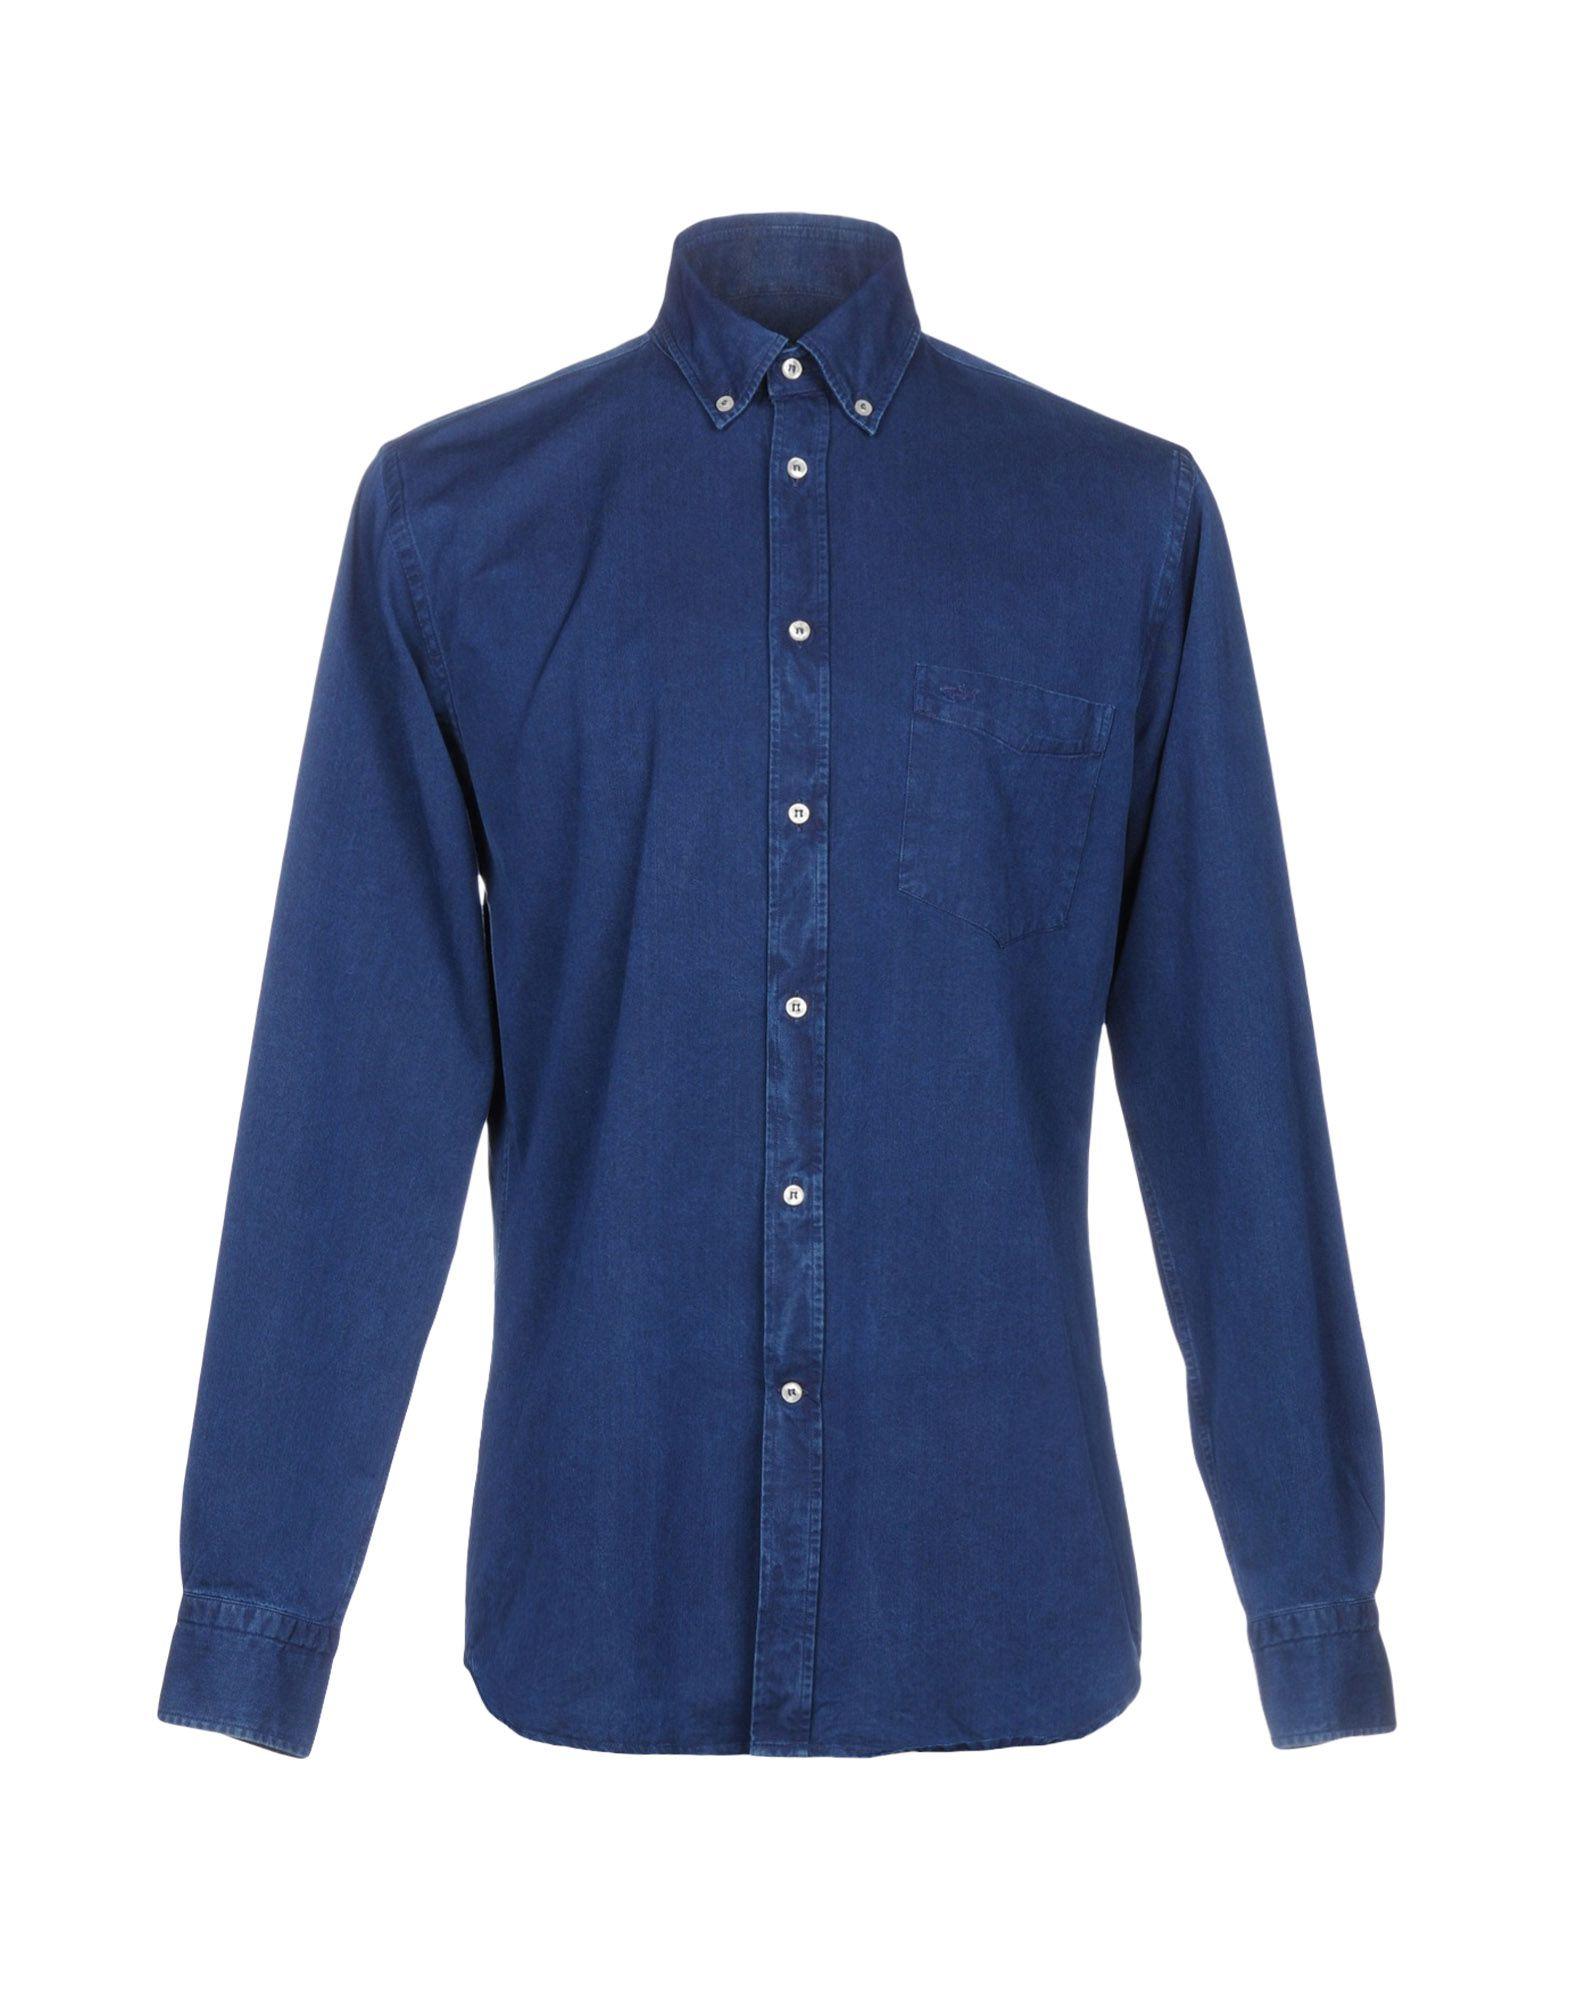 PAUL & SHARK Джинсовая рубашка